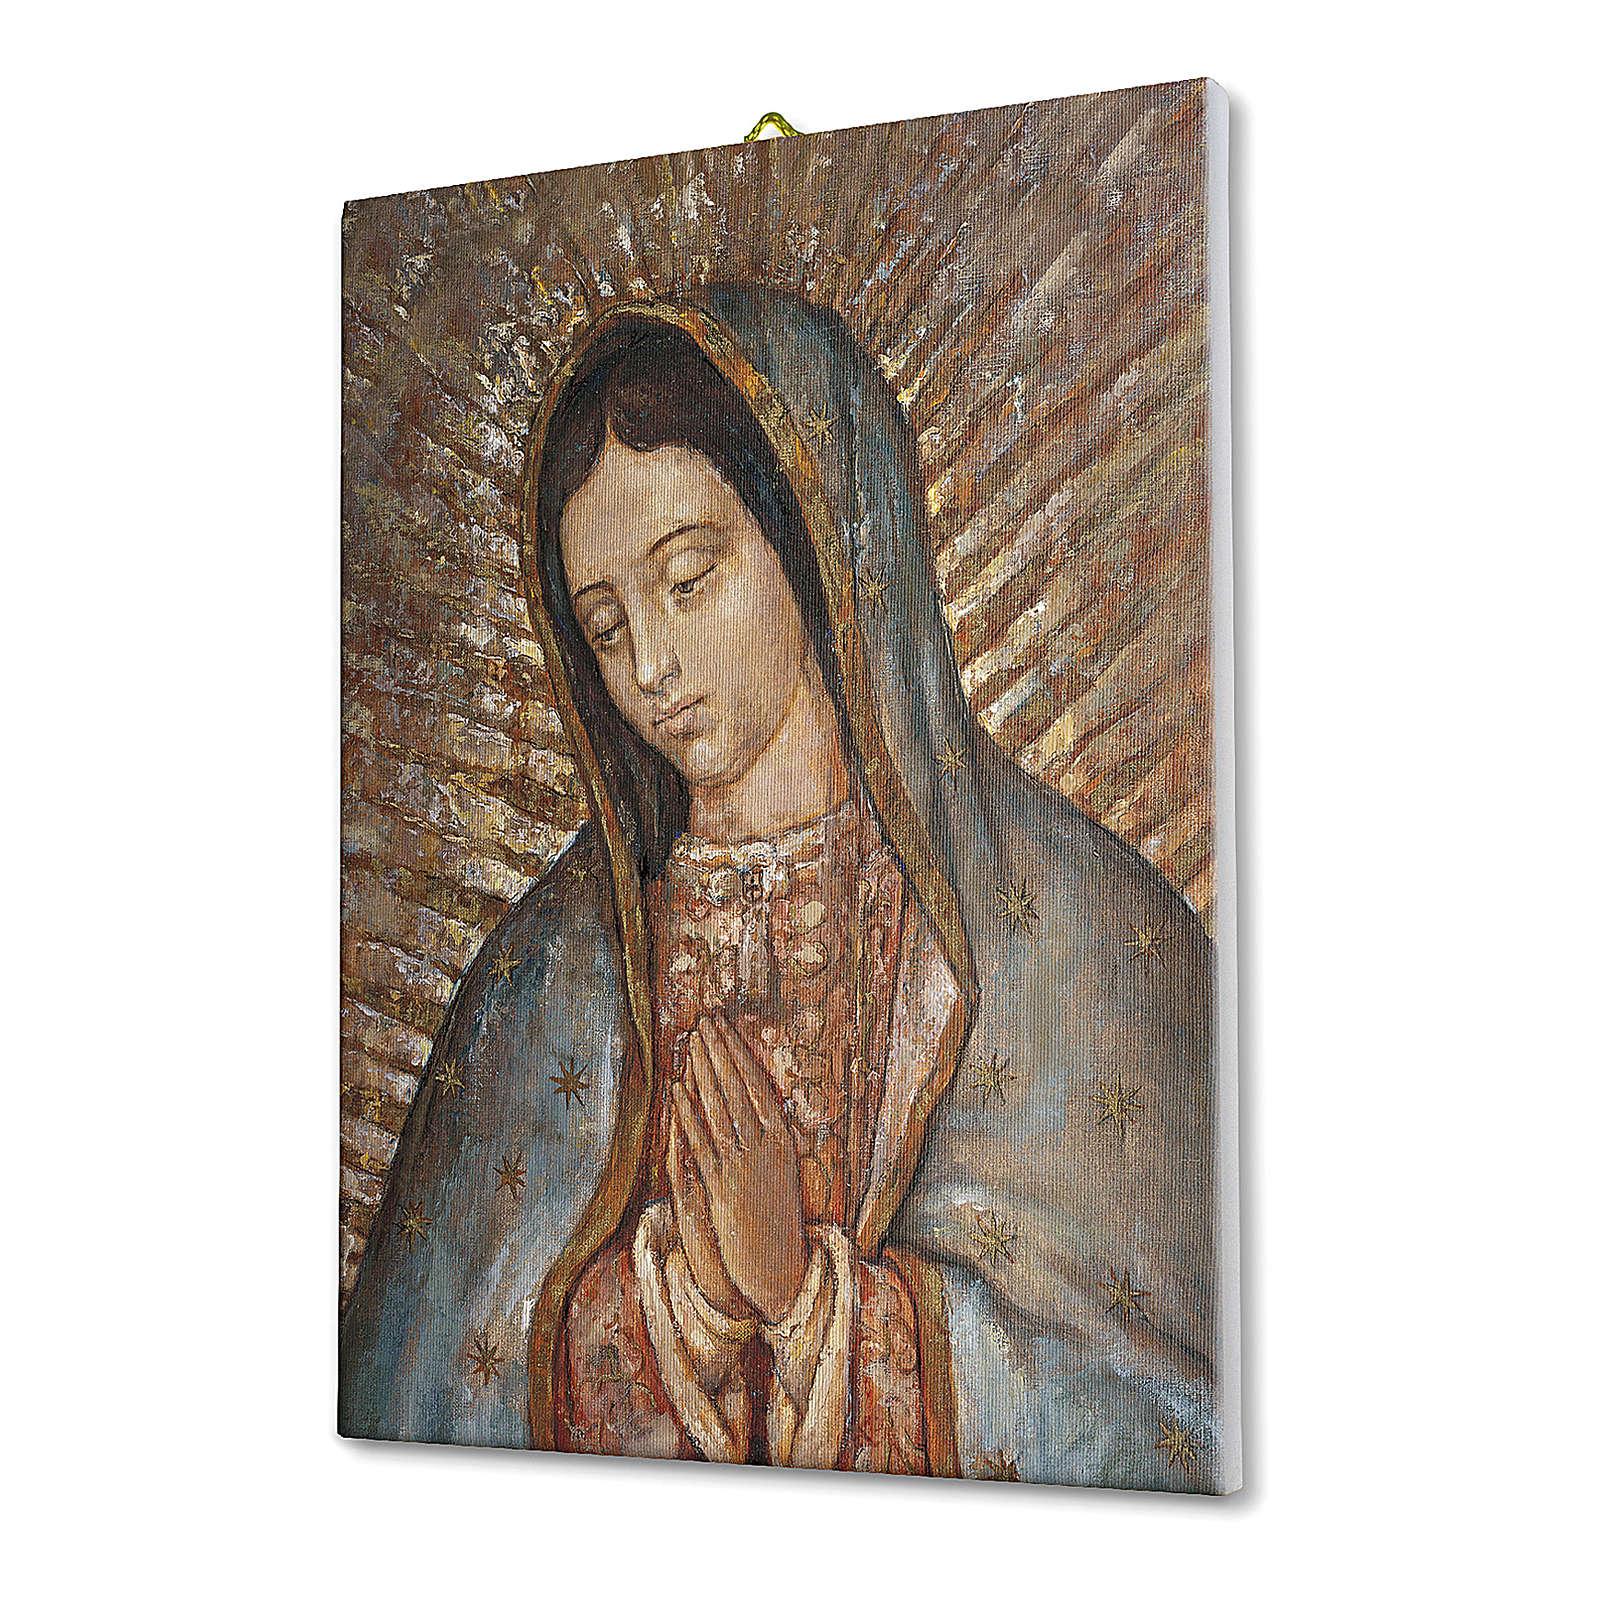 Obraz na płótnie Dziewica z Guadalupe 40x30cm 3